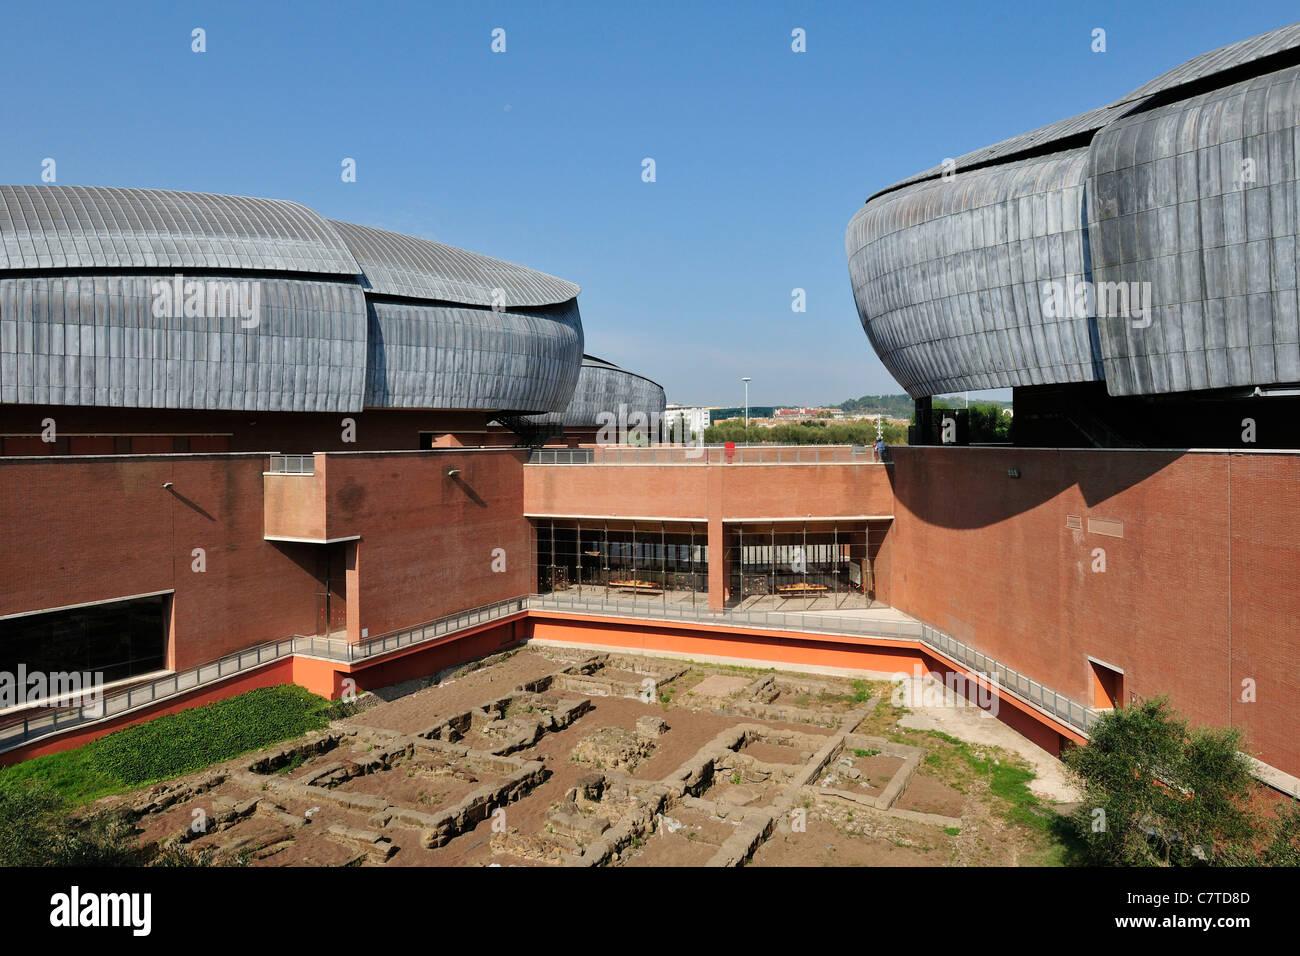 Roma. Italia. Auditorio Parco della Musica, diseñado por Renzo Piano y los restos de una antigua villa romana. Imagen De Stock